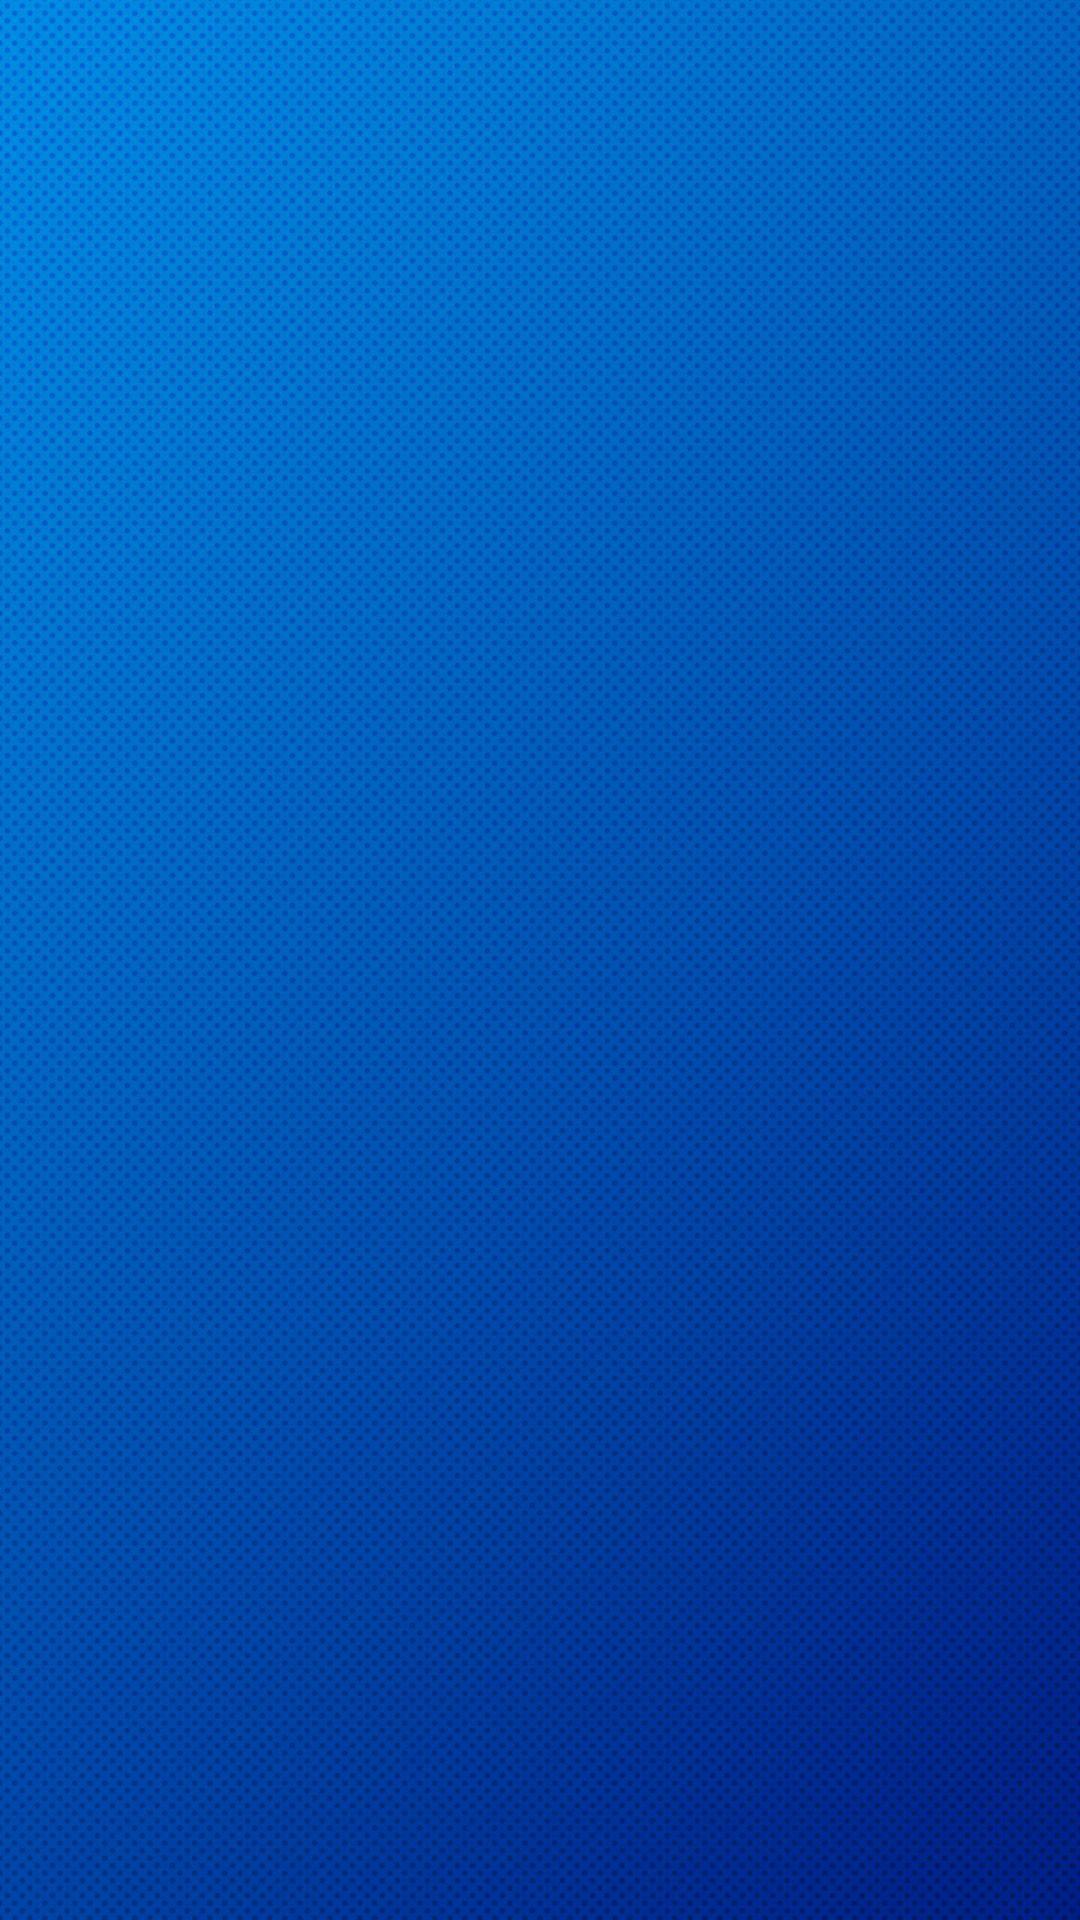 Fondos de pantalla de color azul